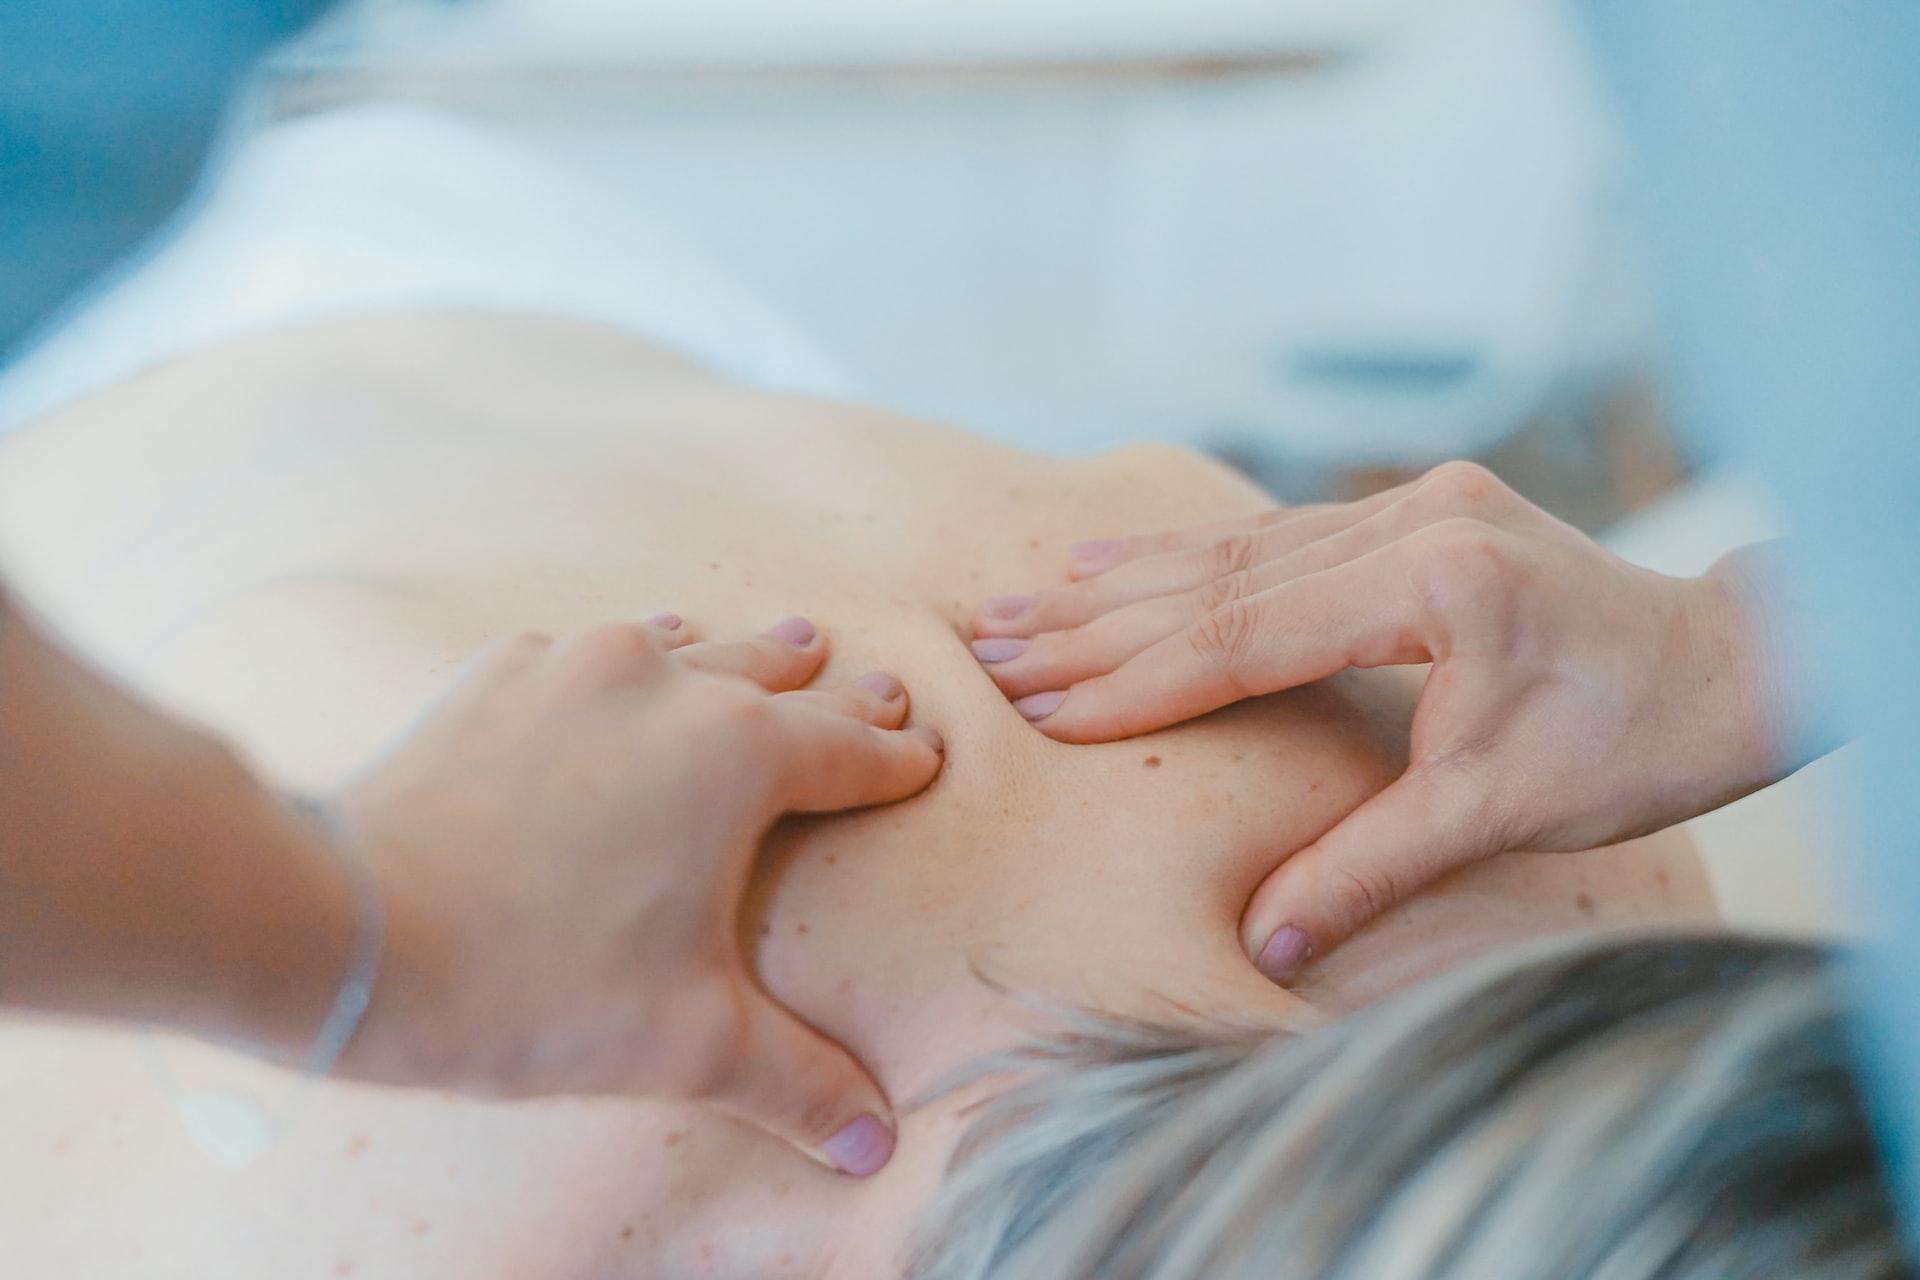 Qu'est-ce qu'un massage érotique 4 mains?